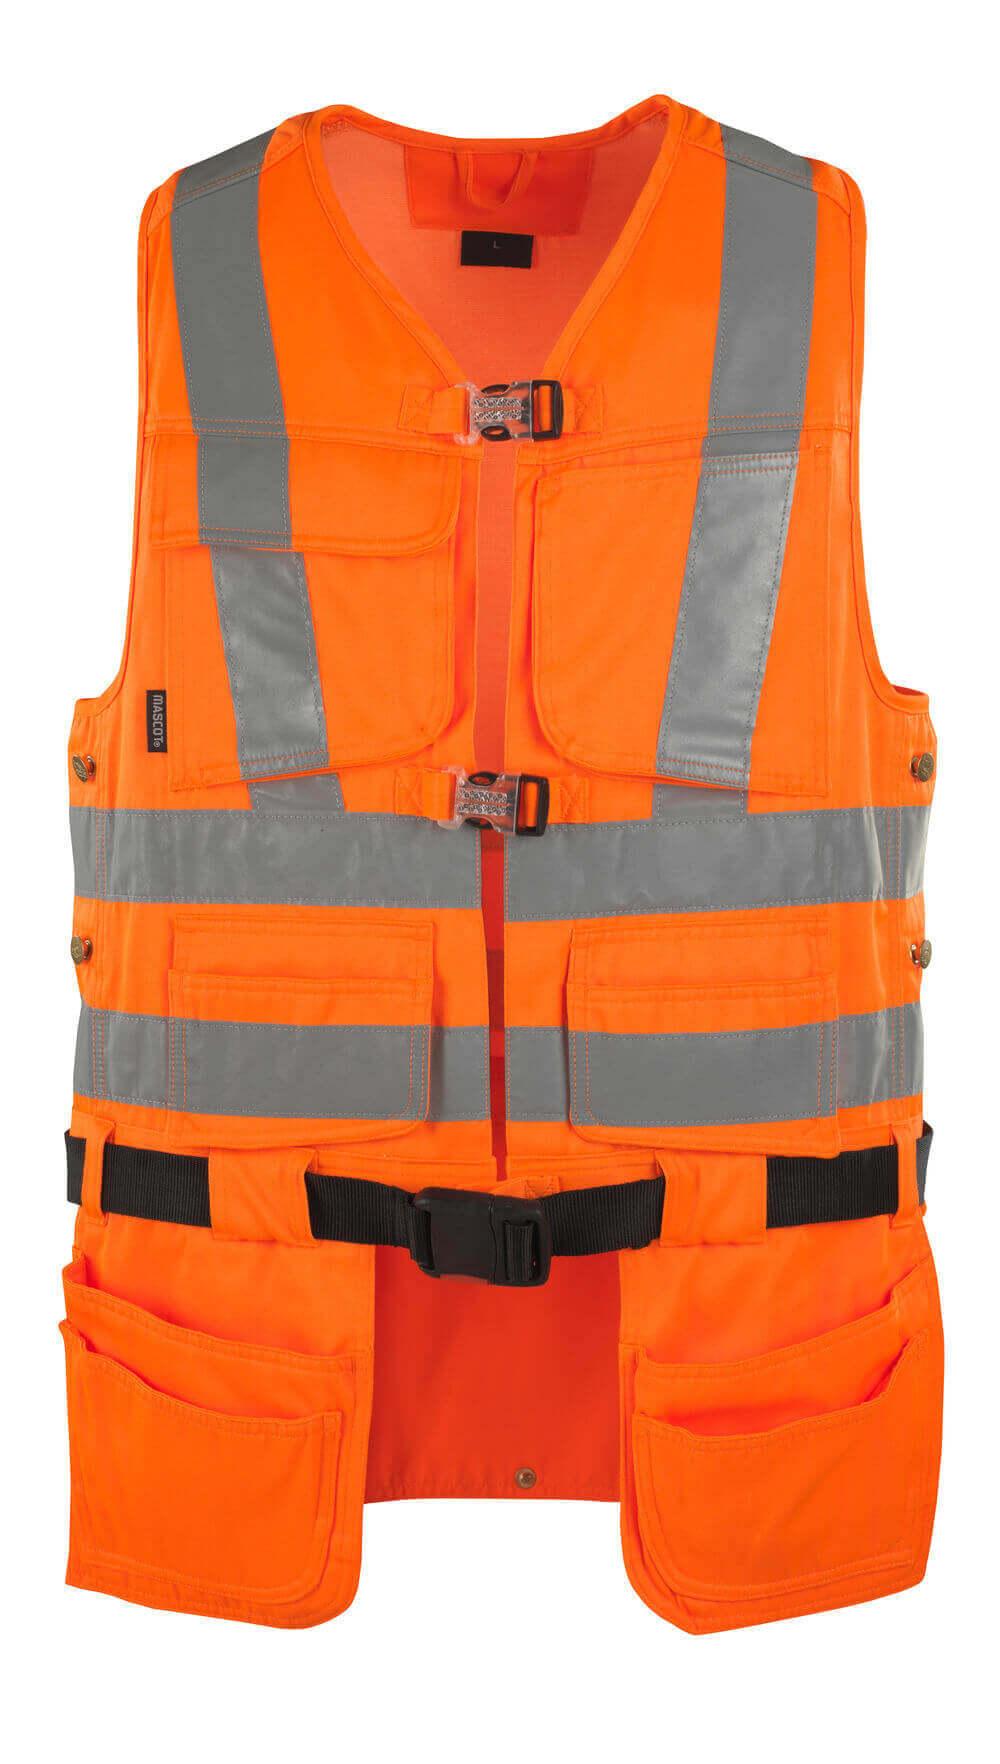 08089-860-14 Gilet porte-outils - Hi-vis orange